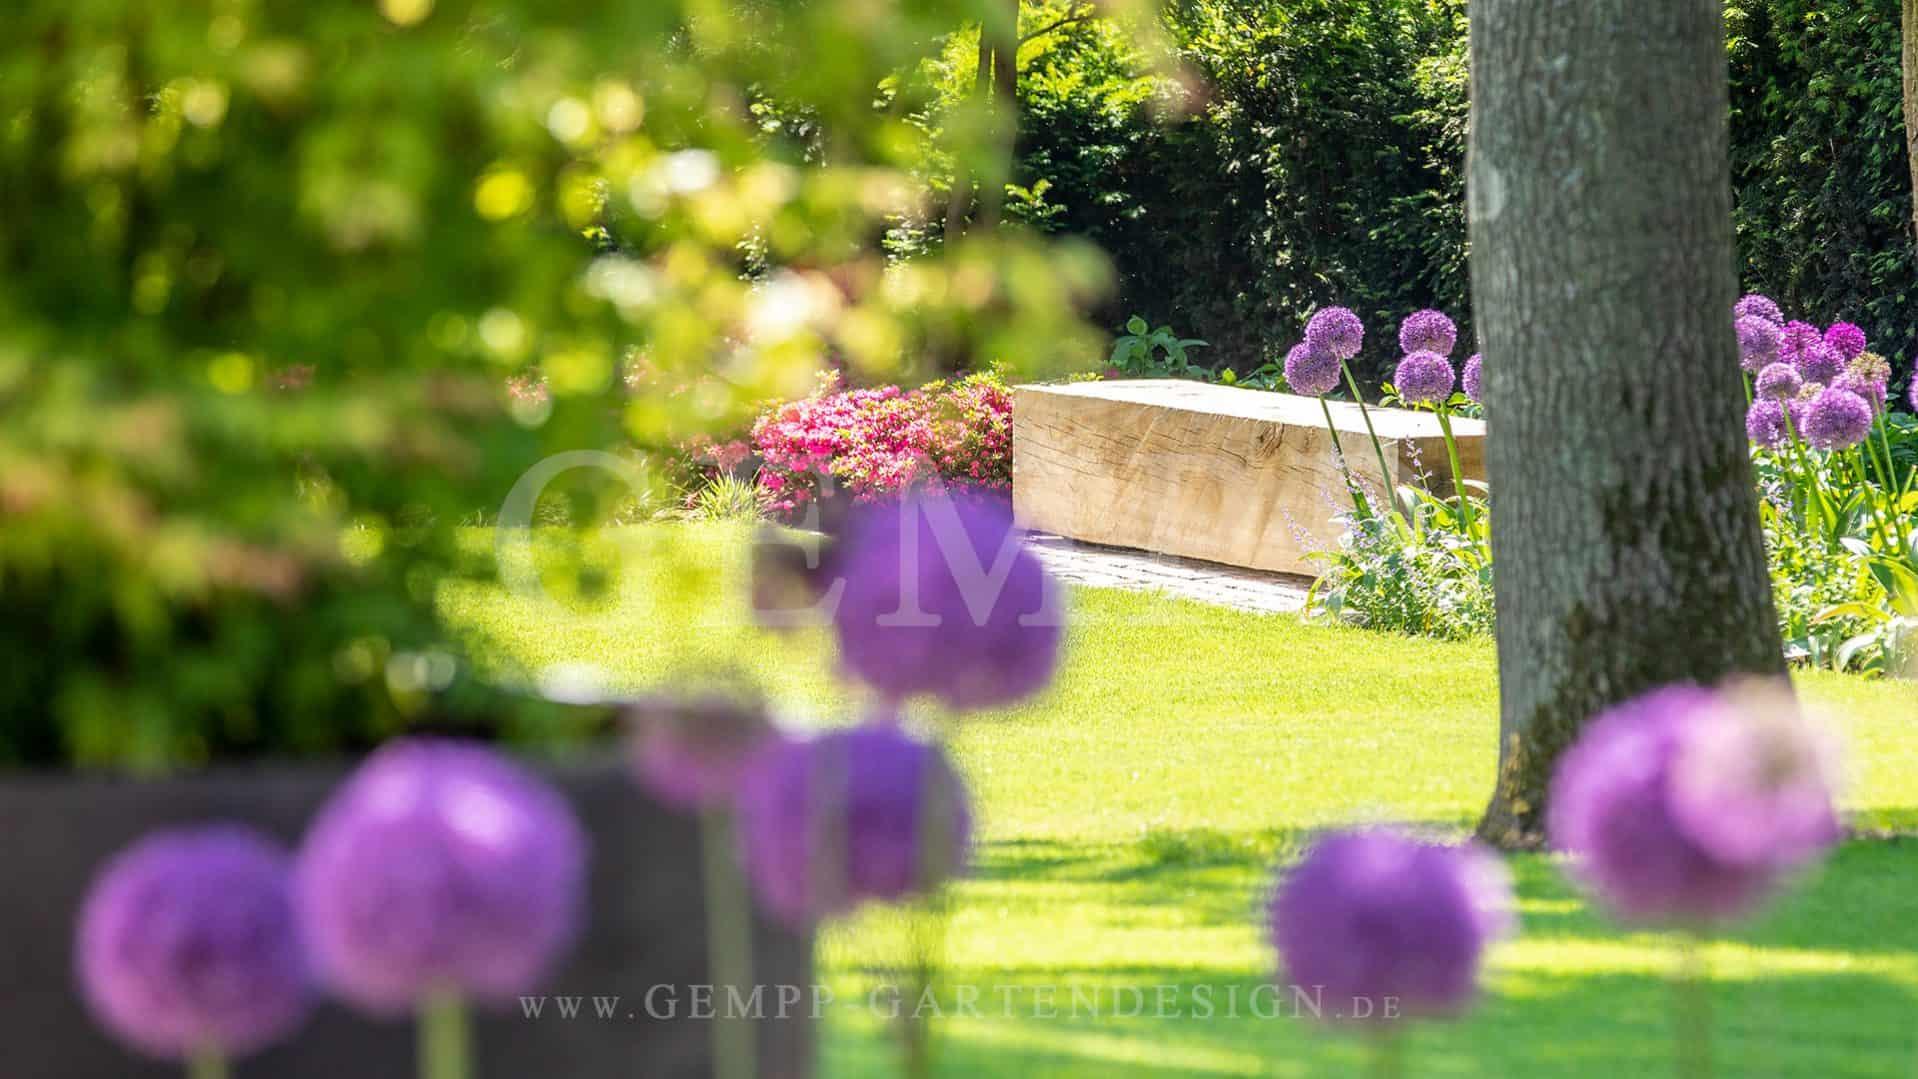 Moderne Gartenplanung & Gartengestaltung Privatgarten Stadtvilla mit Swimmingpool